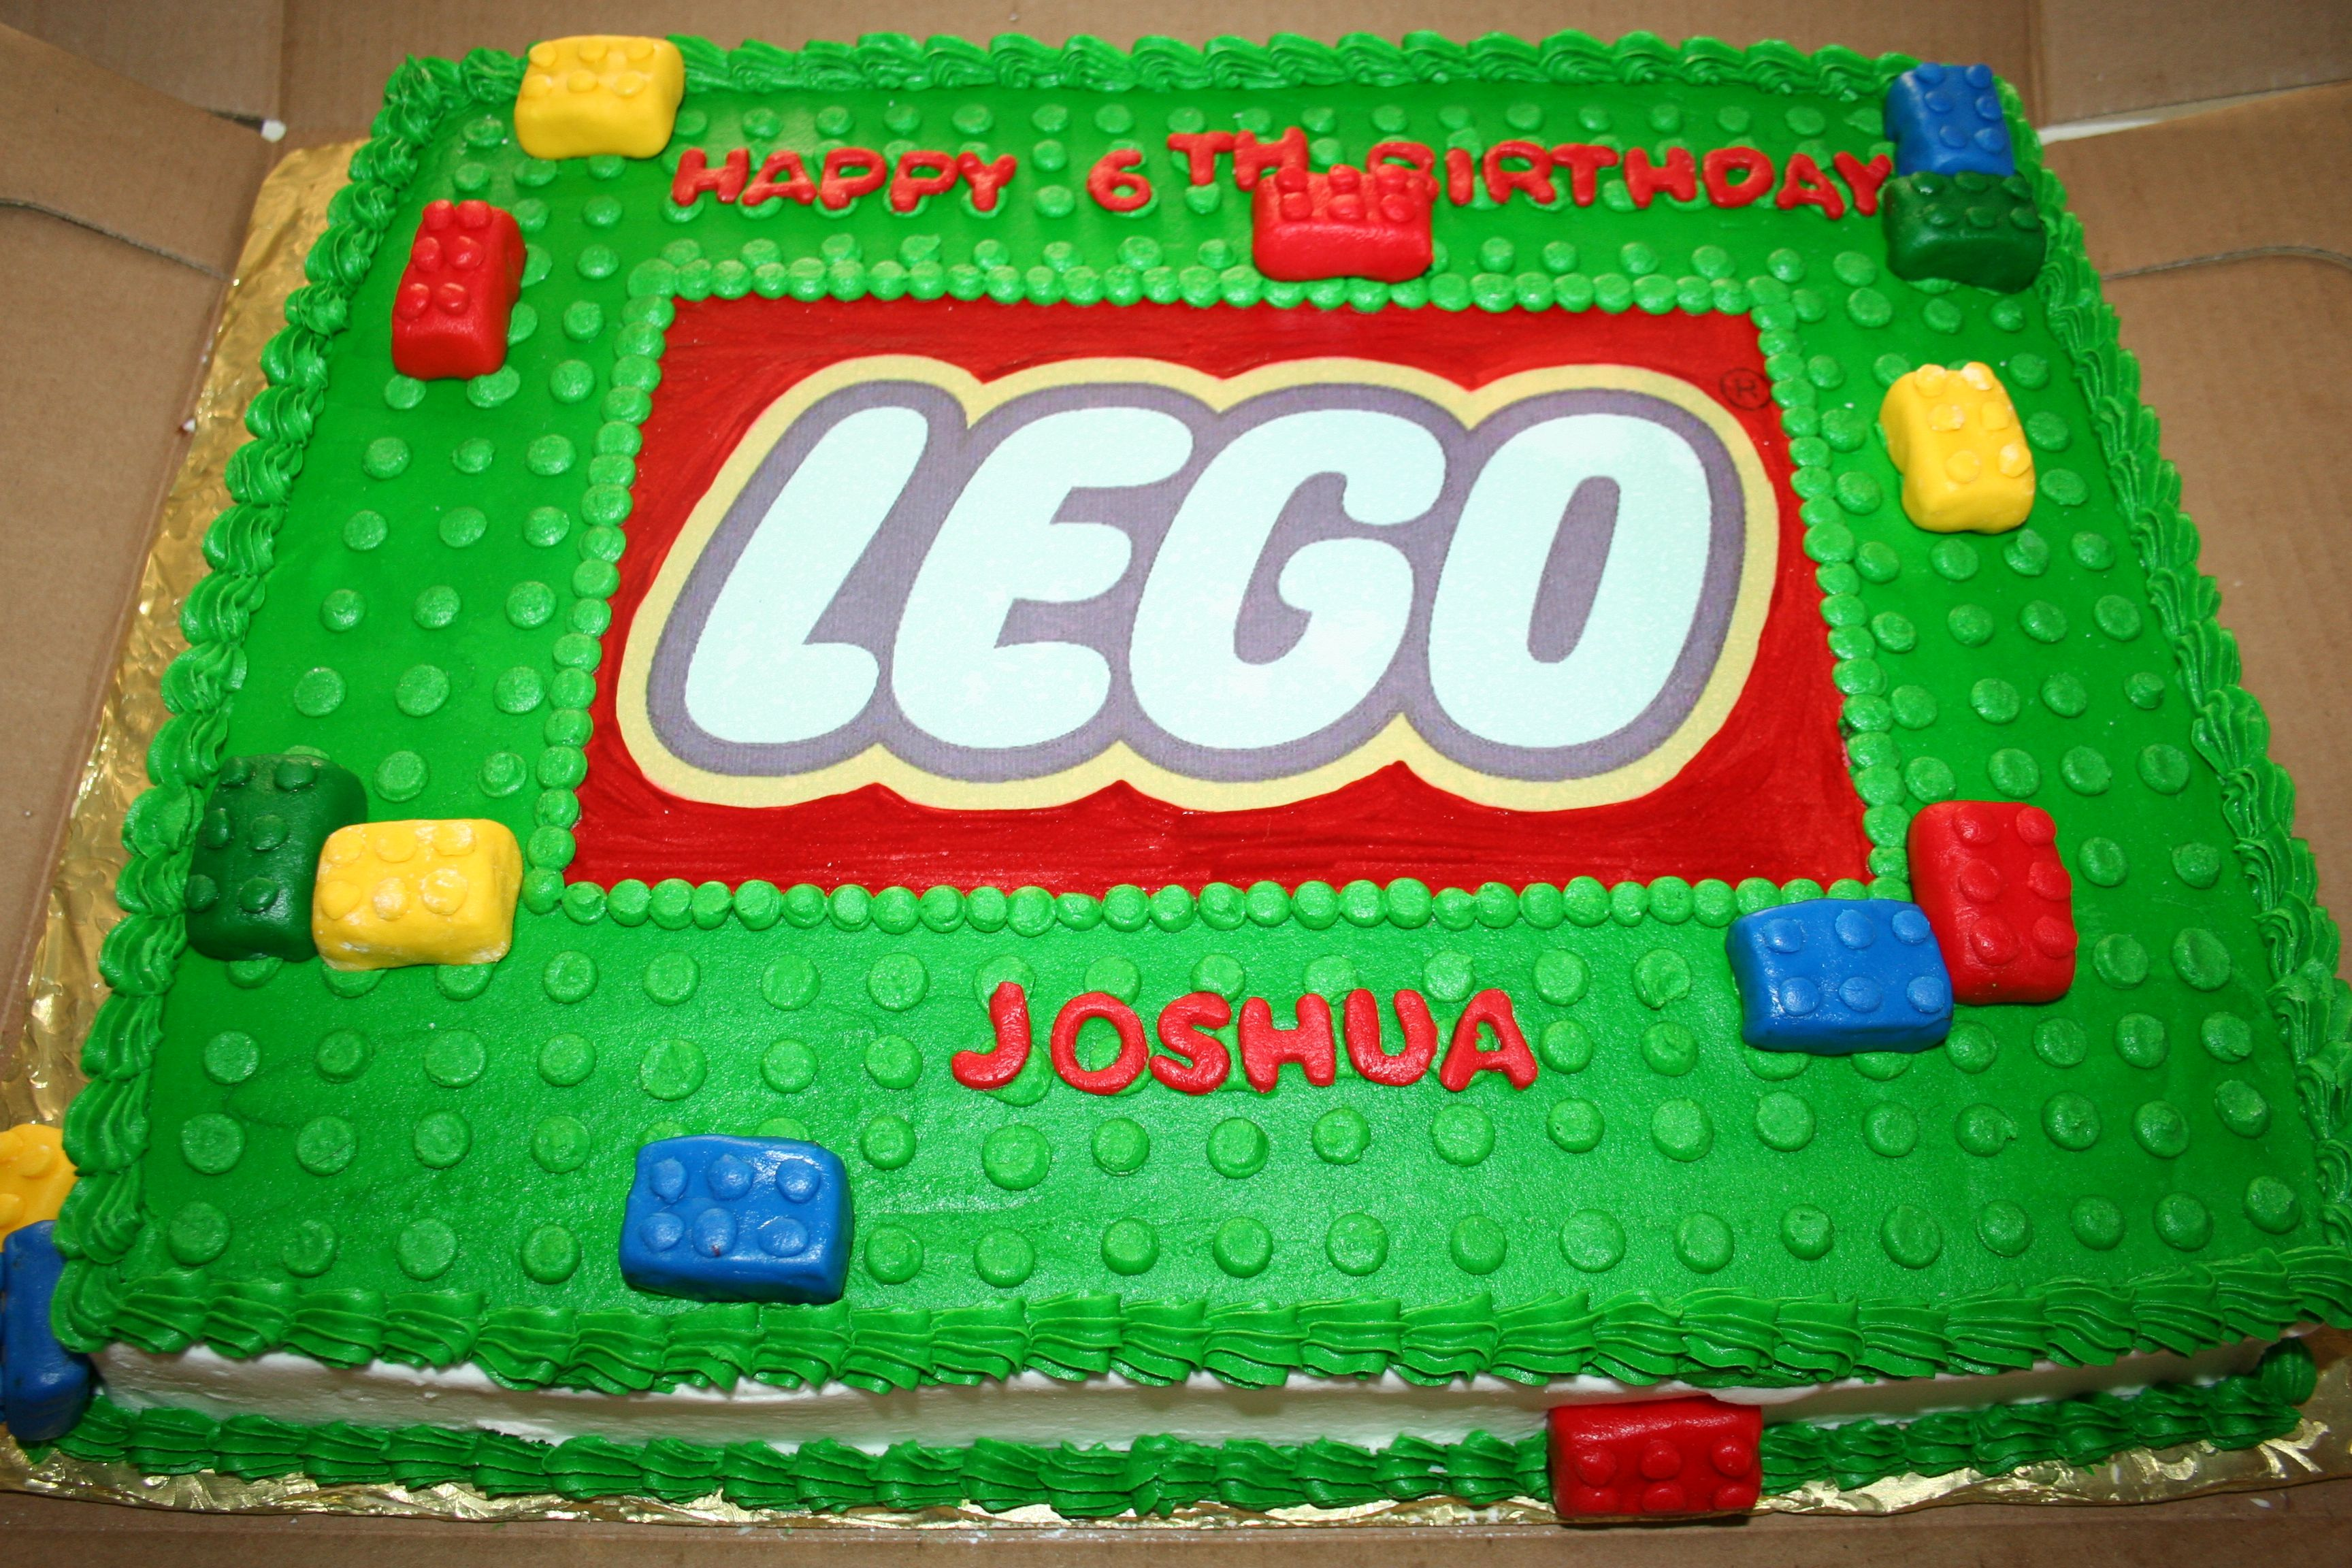 Lego Cake Childrens Birthday Cakes Lego Cake Lego Birthday Cake